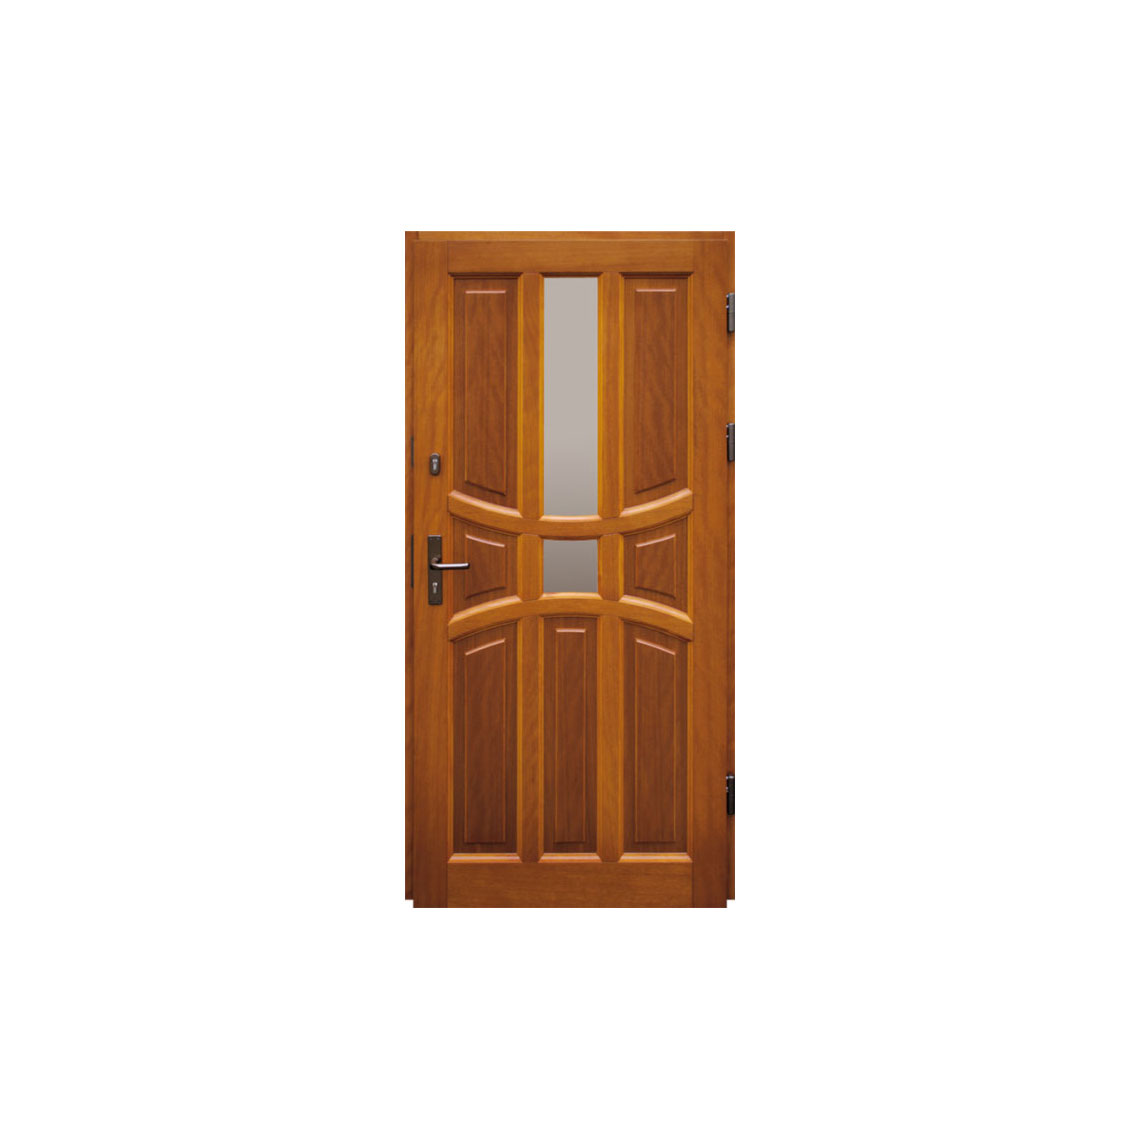 Wooden door WD-15